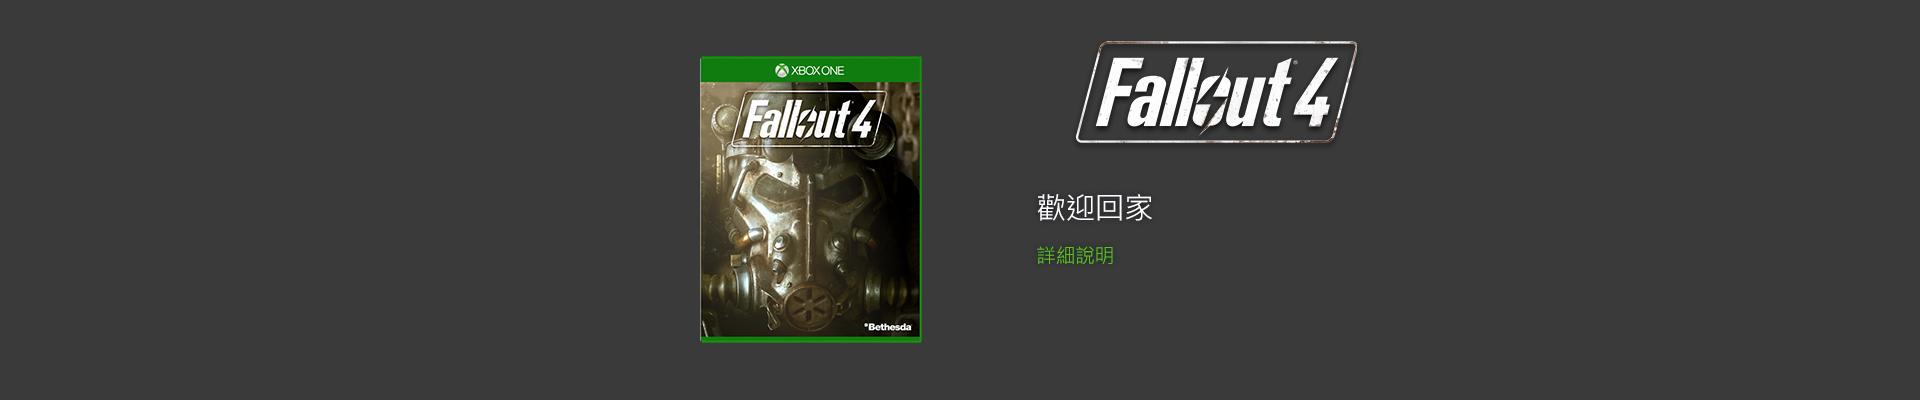 Fallout bundle